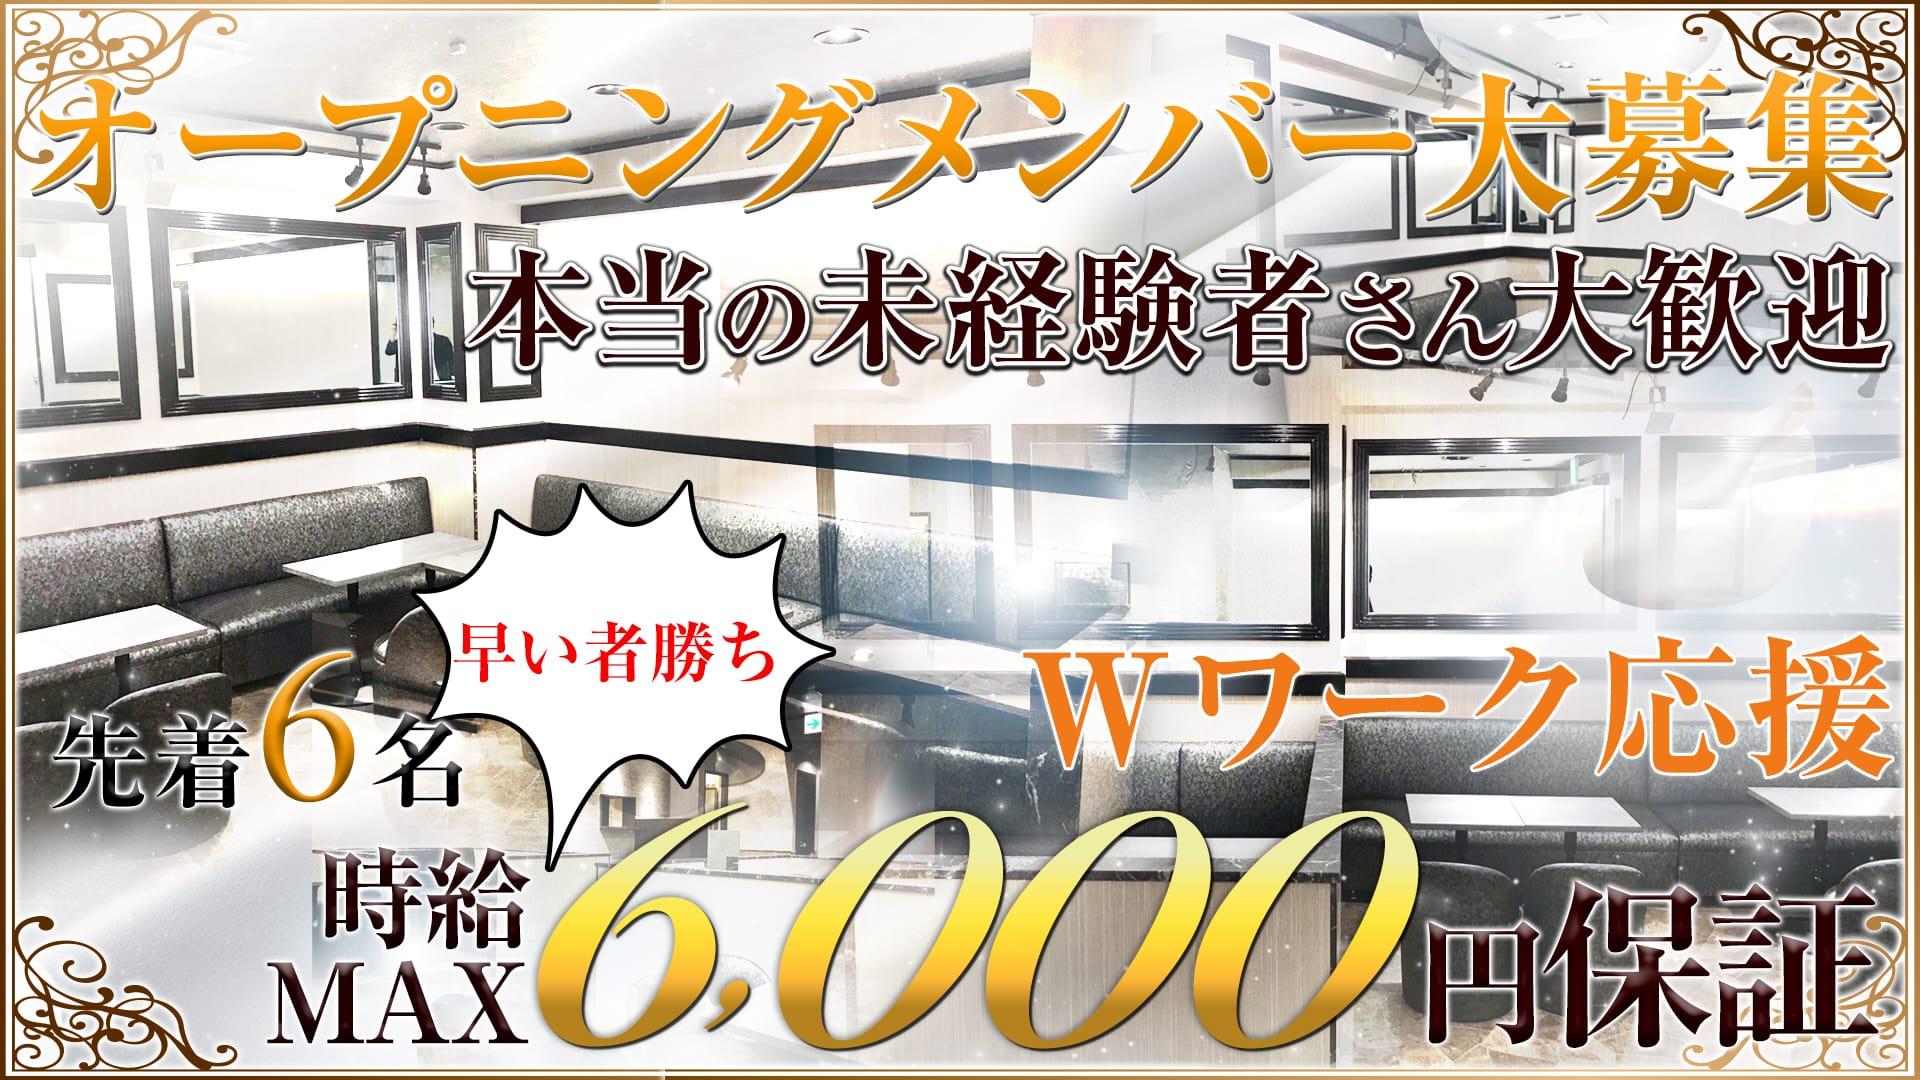 Club SIRIUS(クラブ シリウス) 上野キャバクラ TOP画像